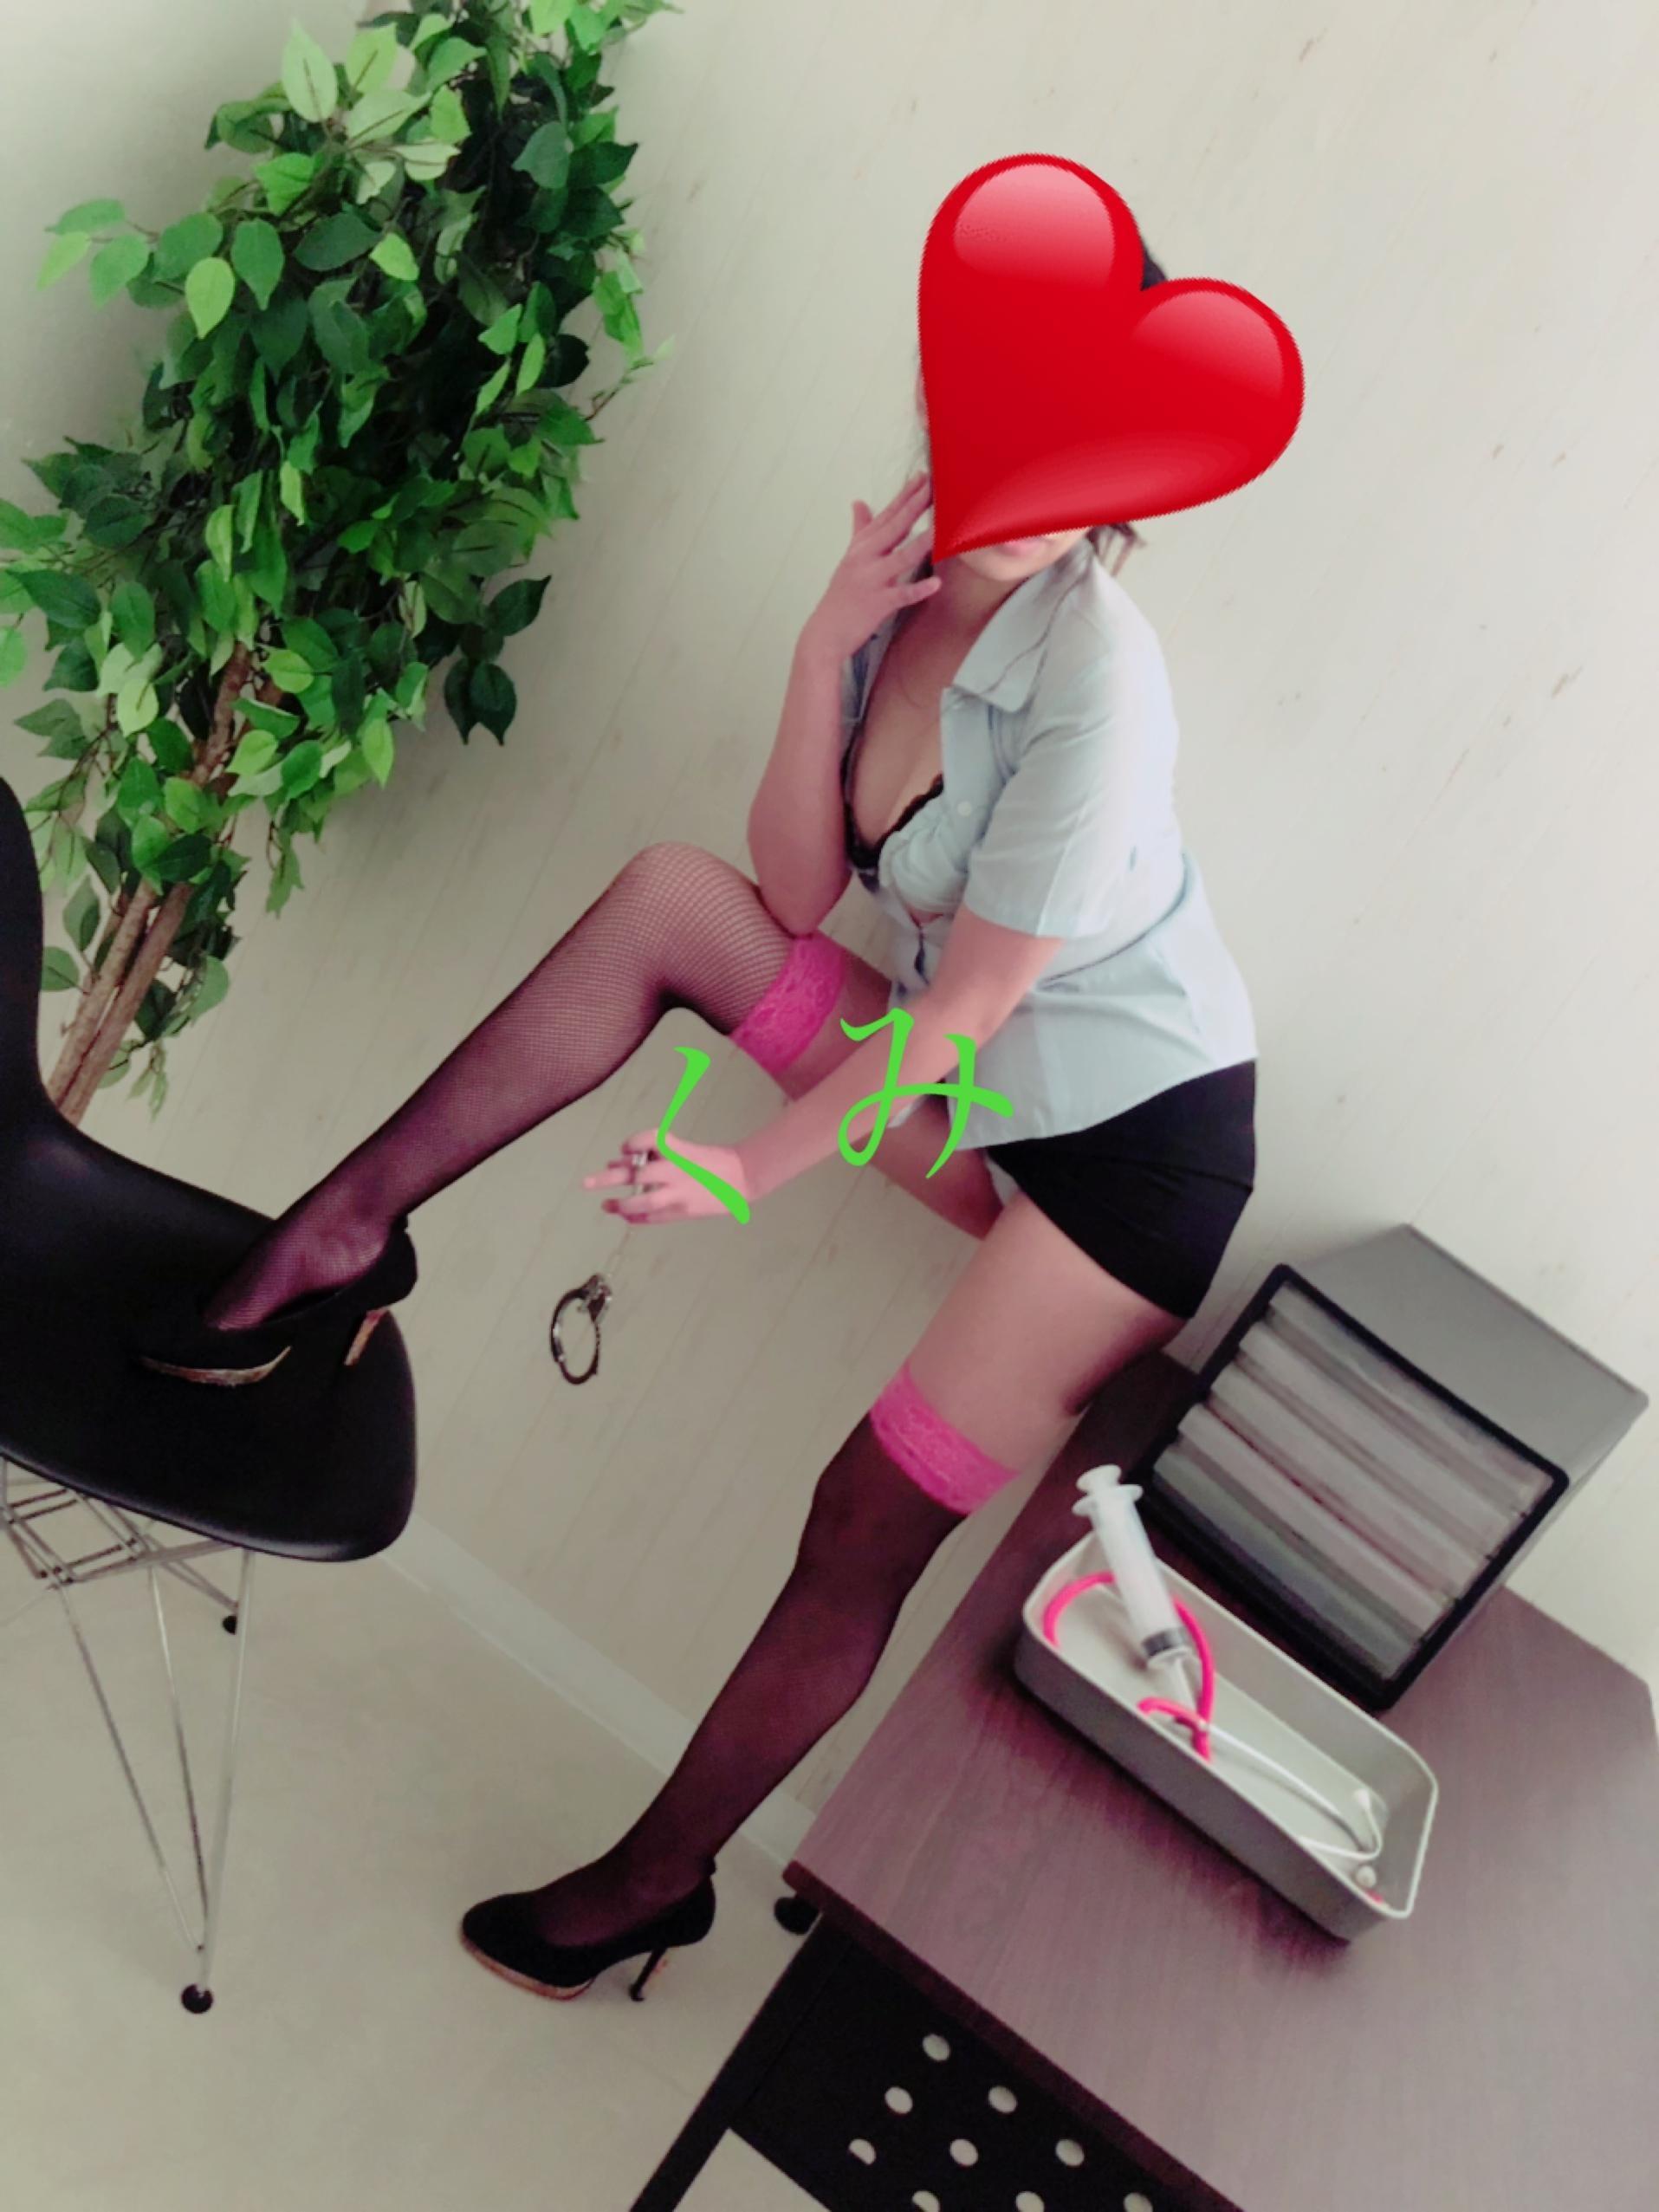 「本日もさむさむですね」01/11(01/11) 19:10 | くみ先生の写メ・風俗動画